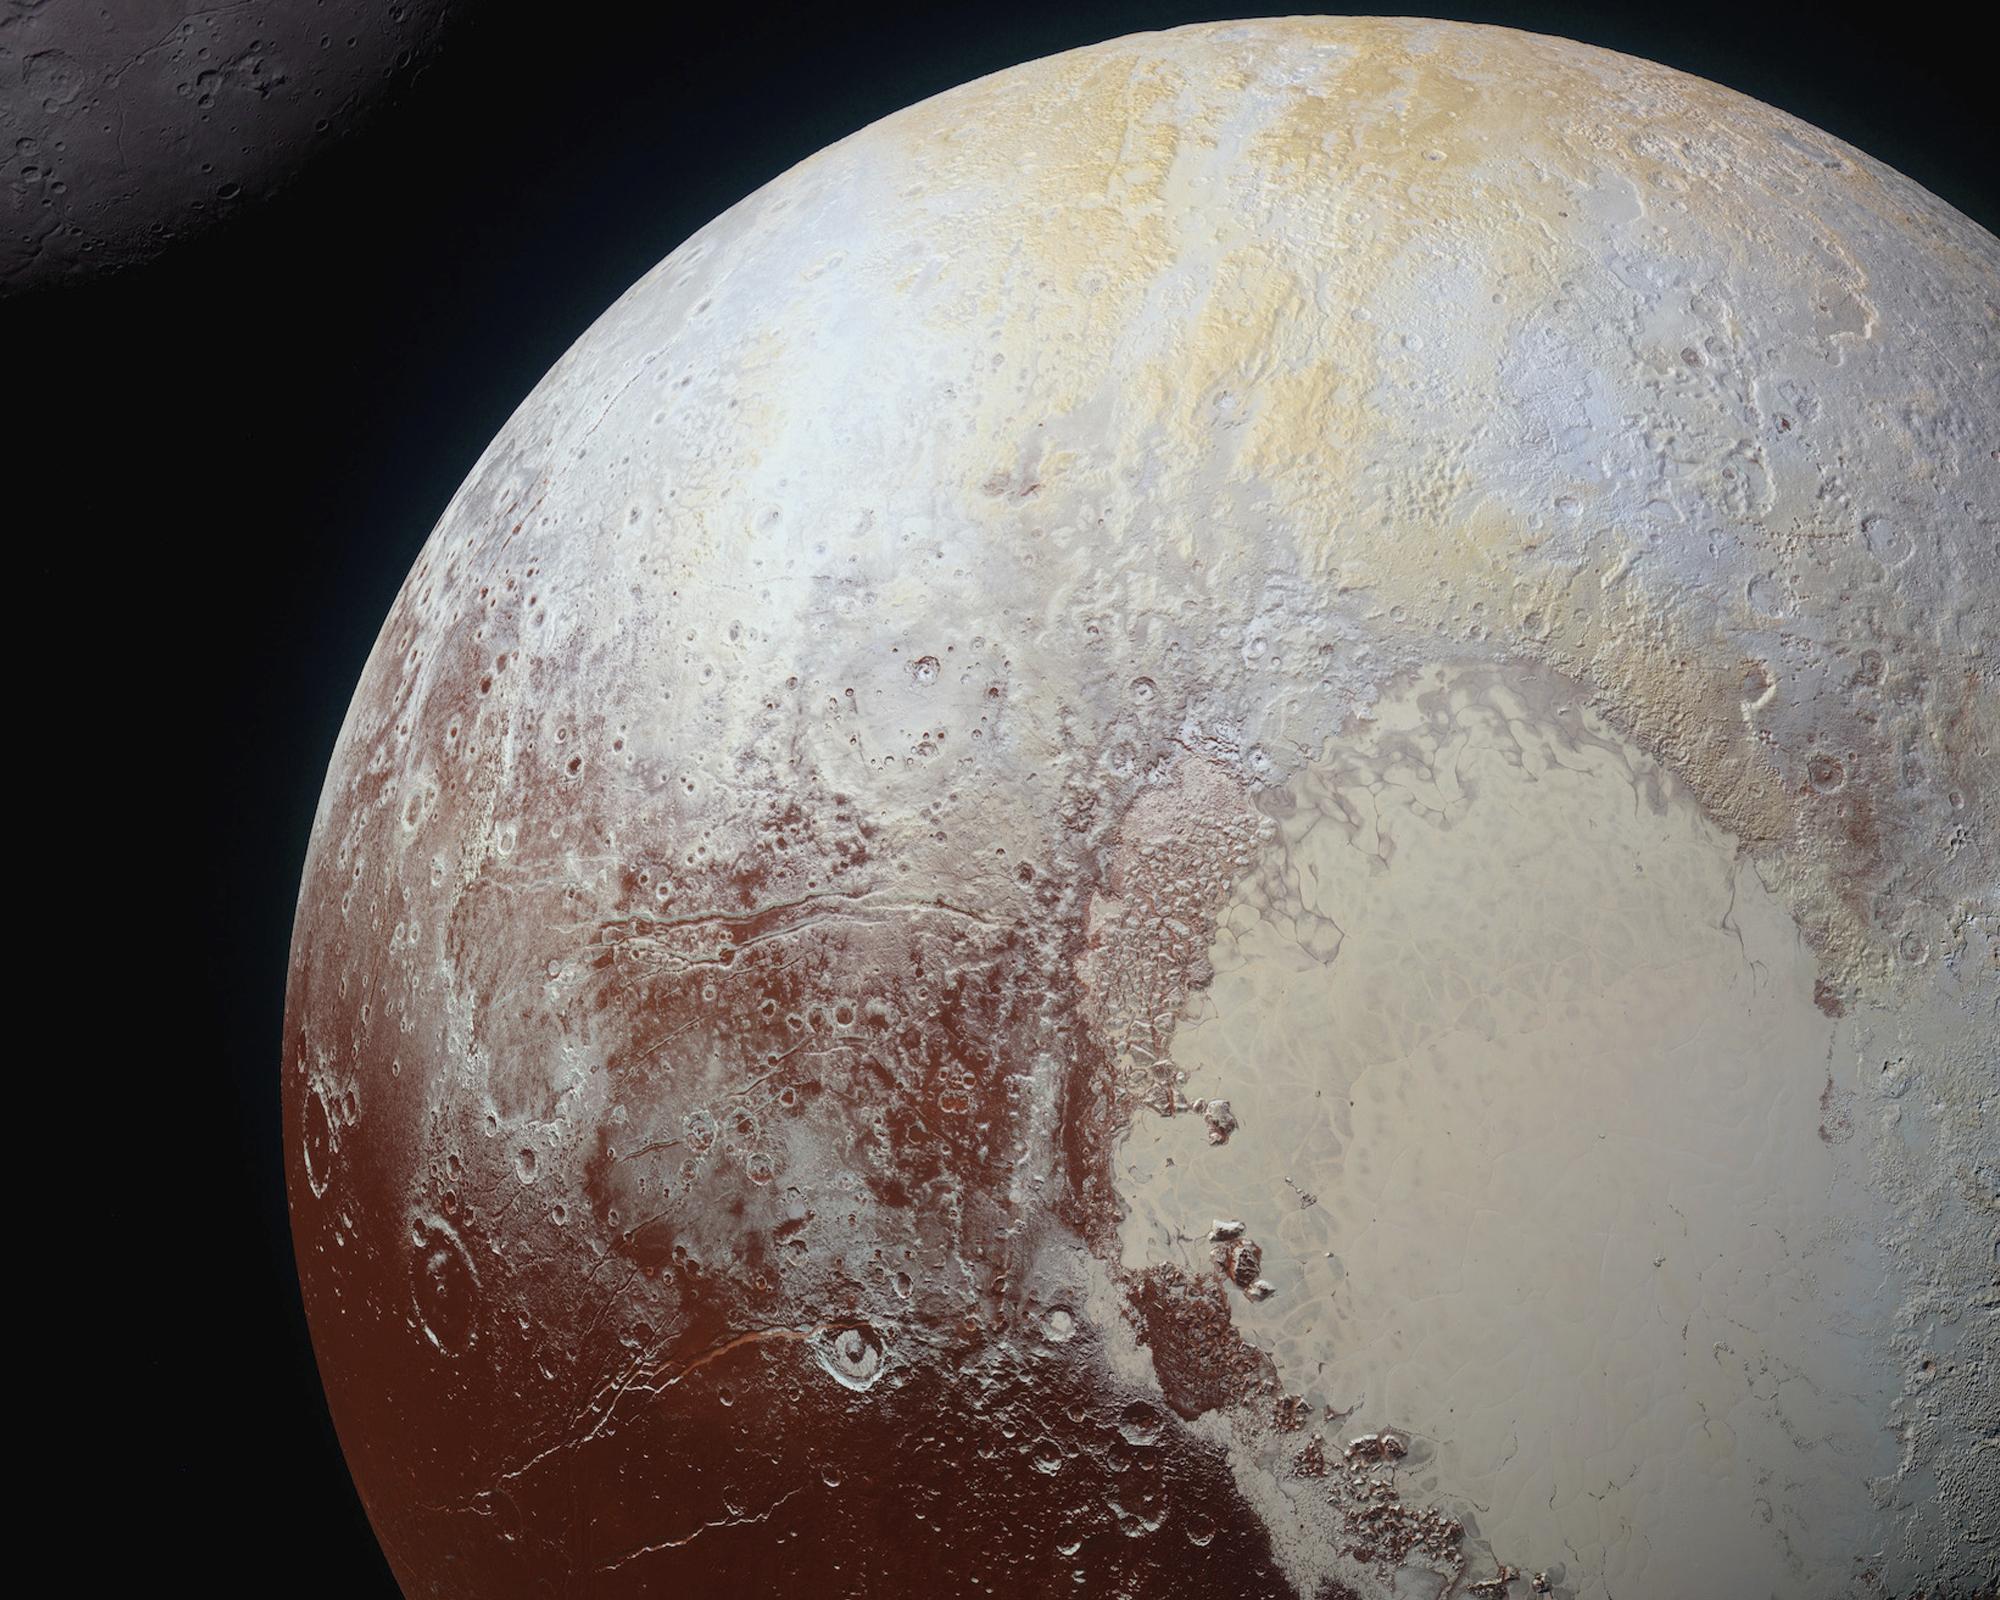 e-Planets